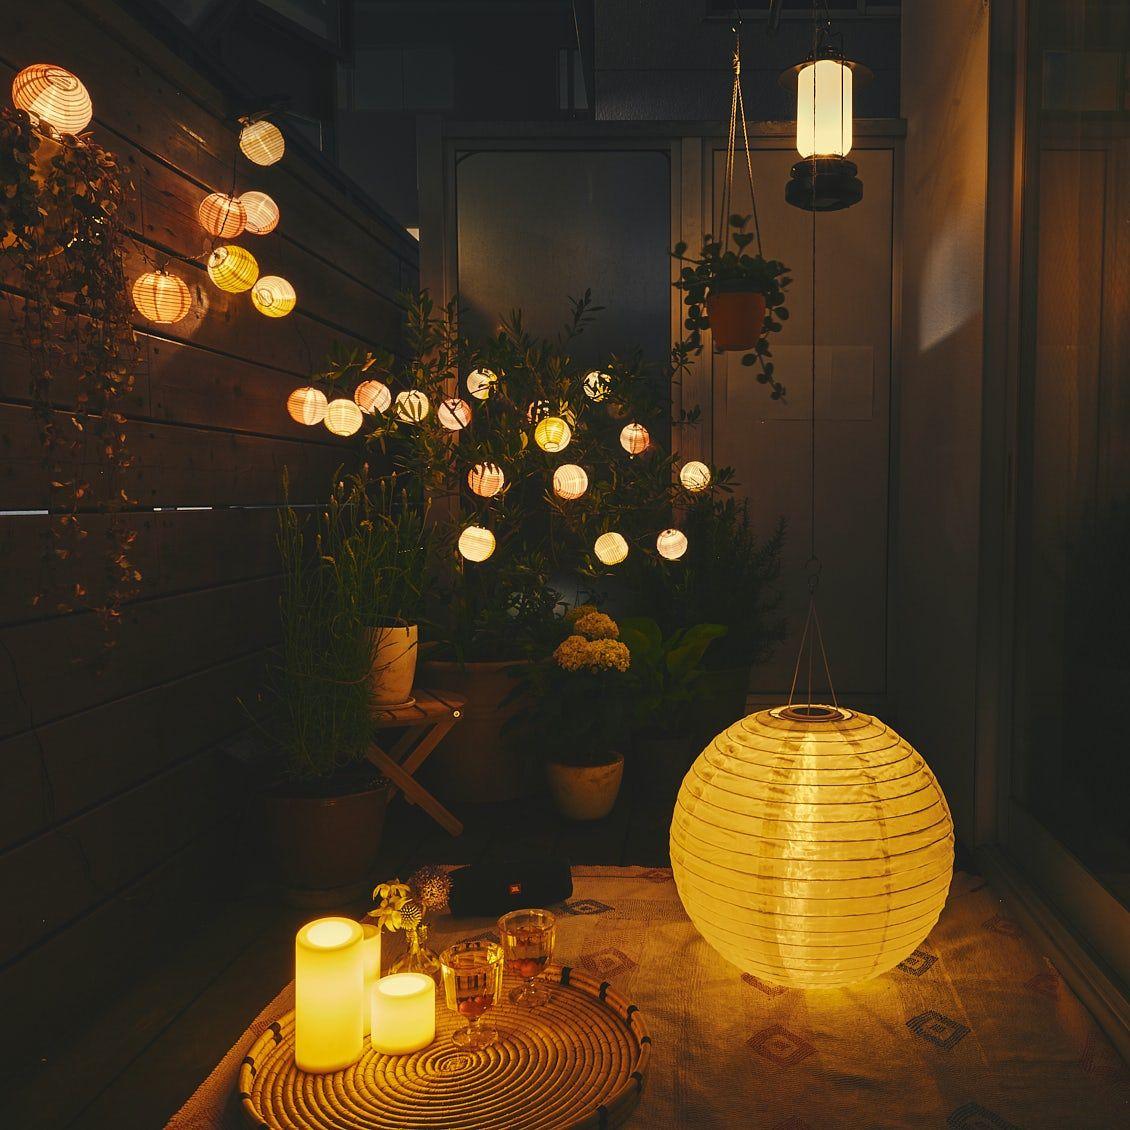 部屋のようにベランダで 第3話 3つの照明で幻想的な夜を Ikeaで揃えるベランダ夜景のたのしみ方 北欧 暮らしの道具店 収納 アイデア インテリア リビングダイニング 北欧